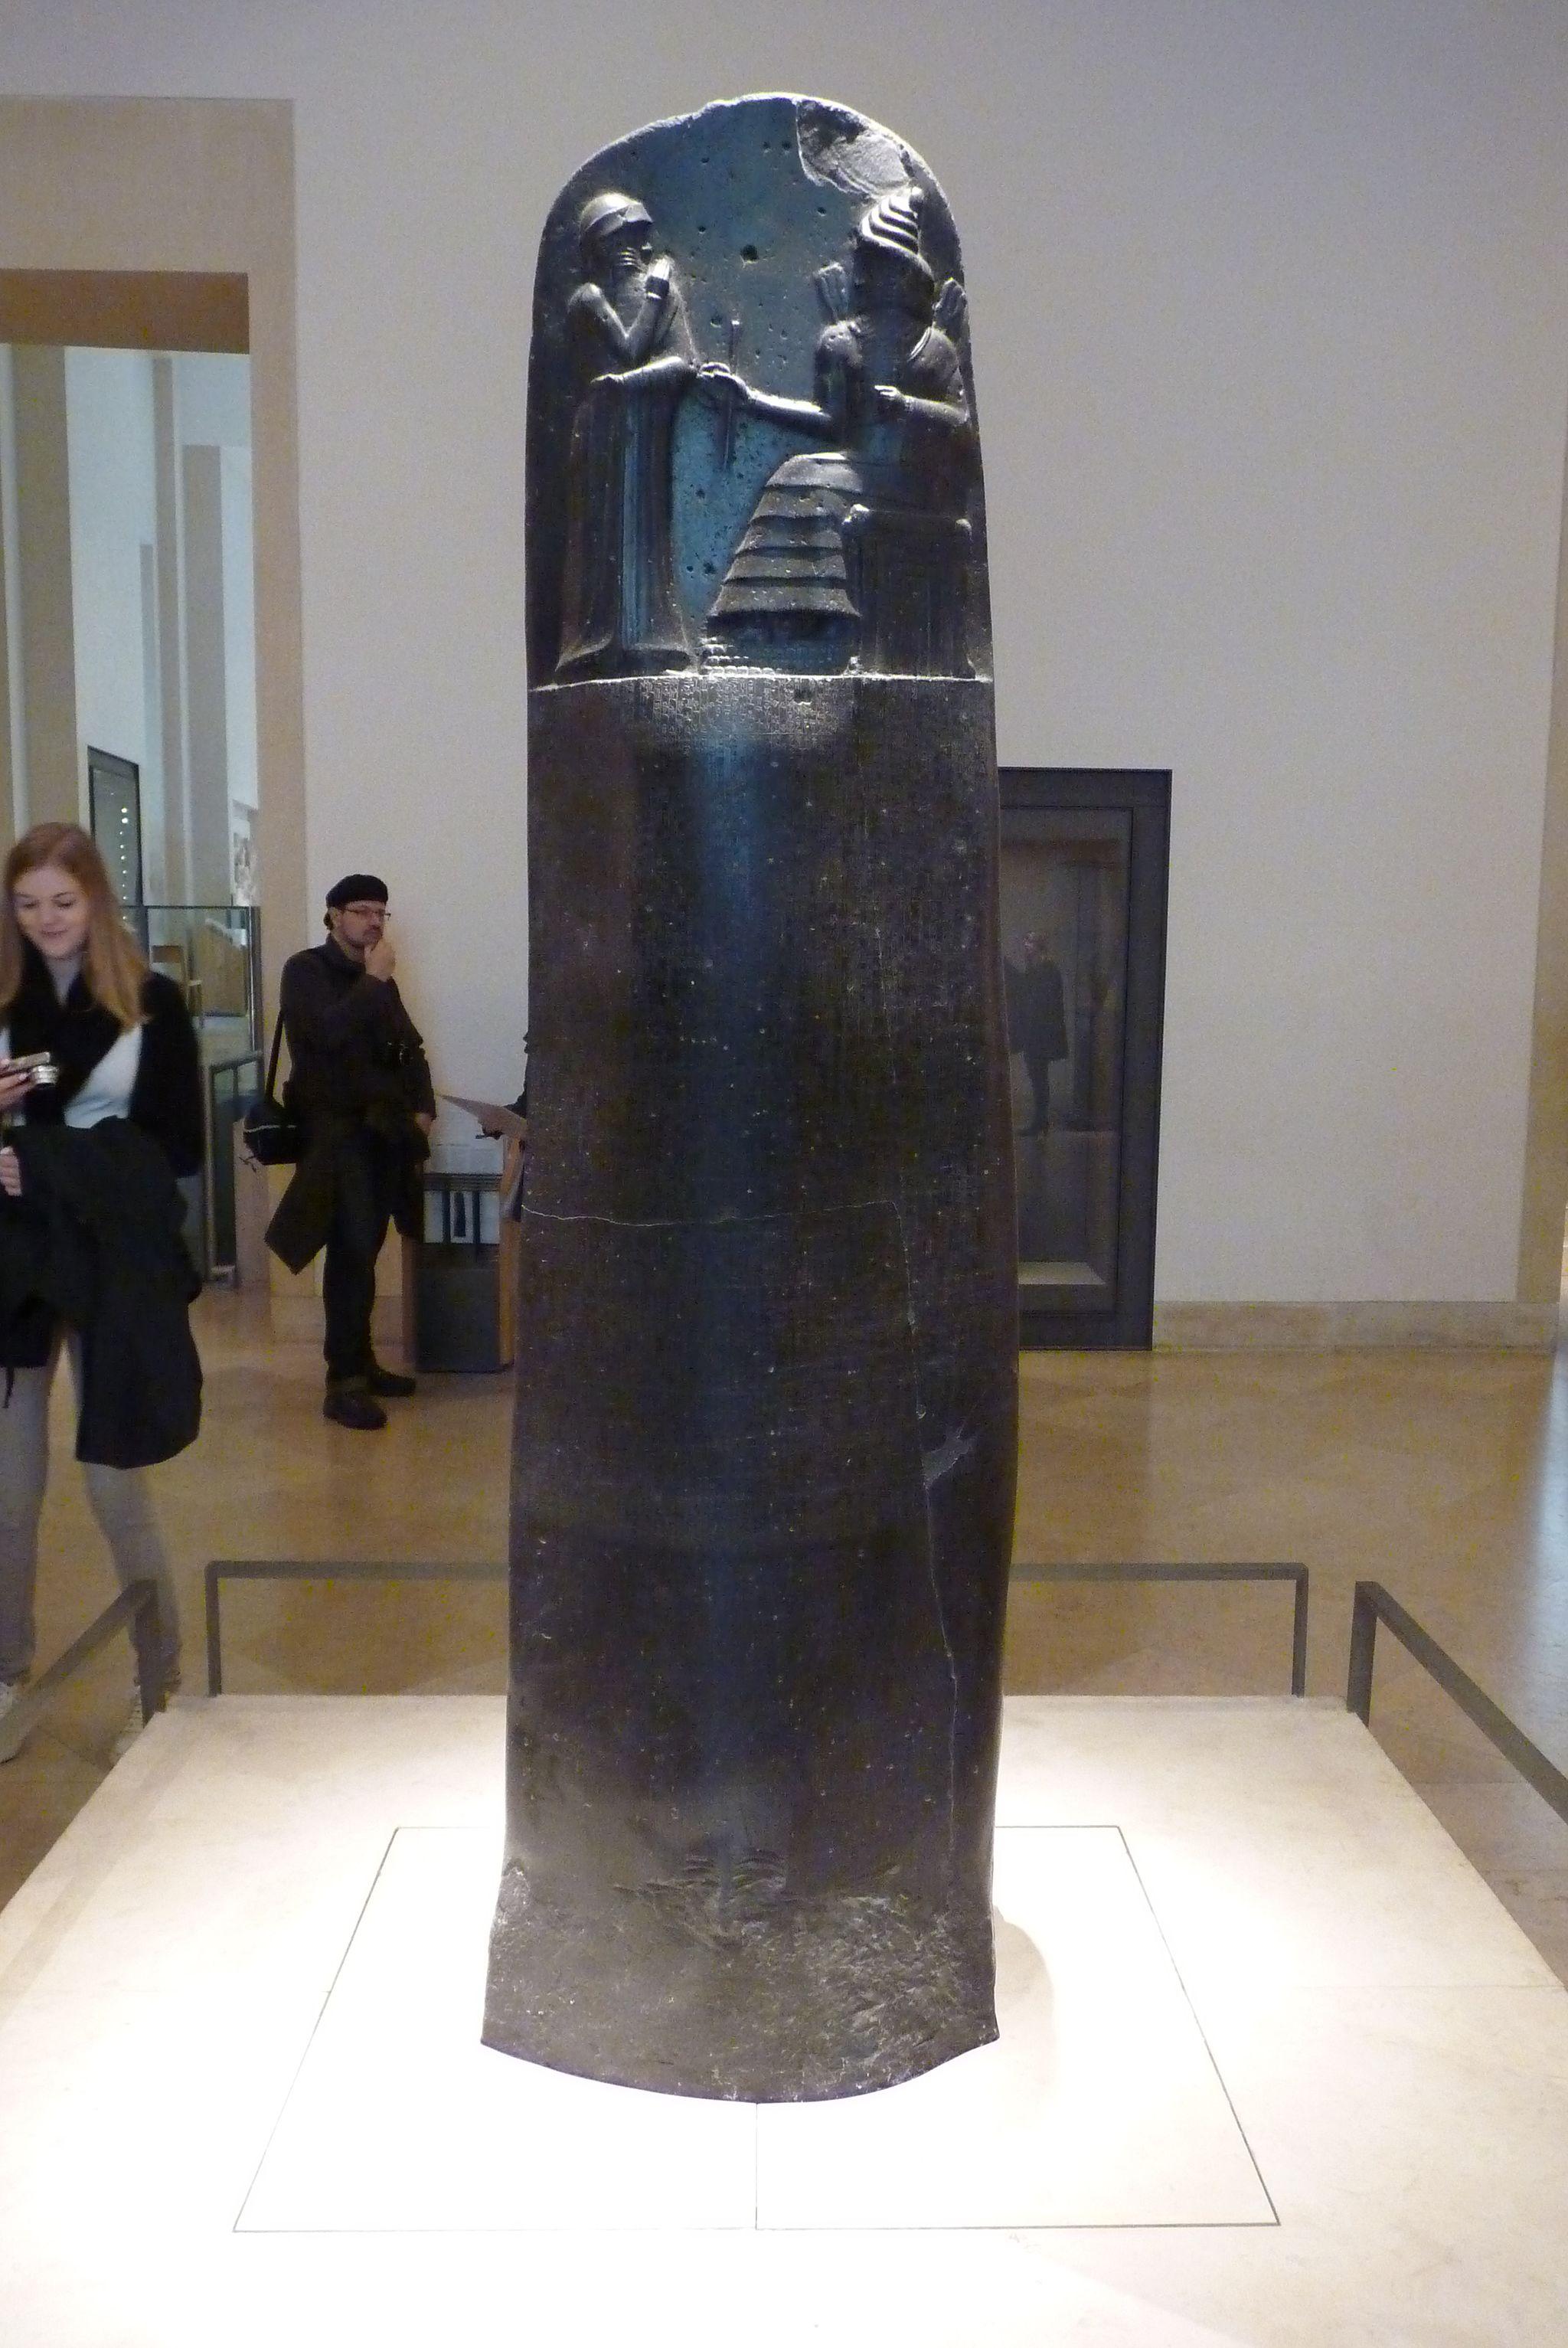 Hammurabi's Code, Paris 25 April 2012